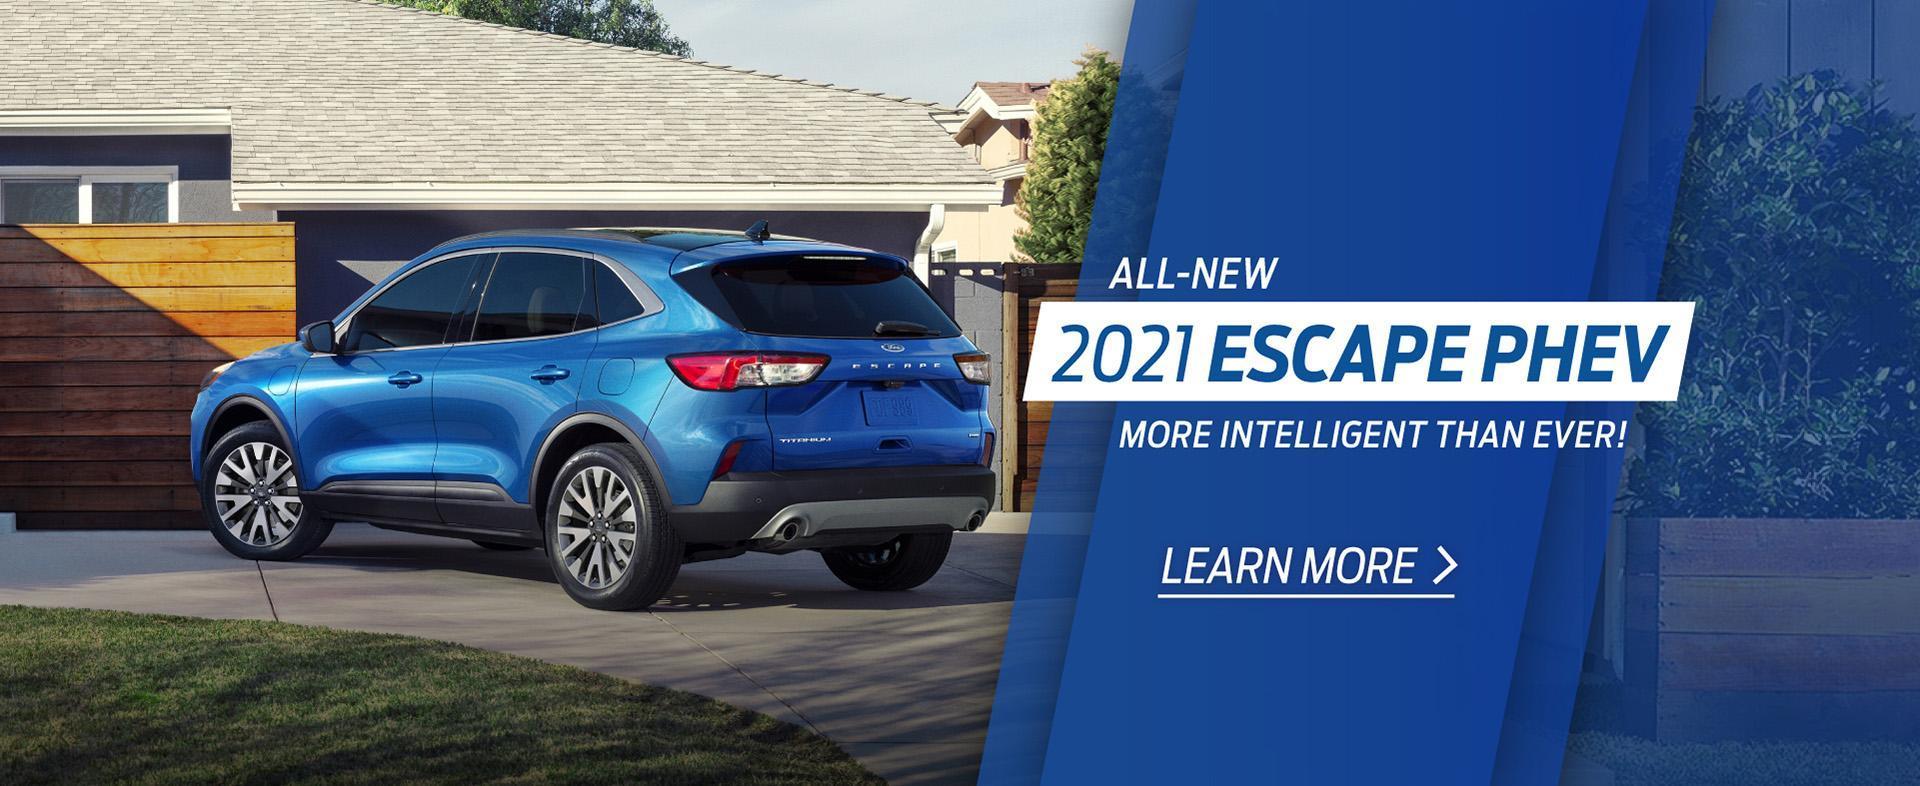 2021 Escape PHEV